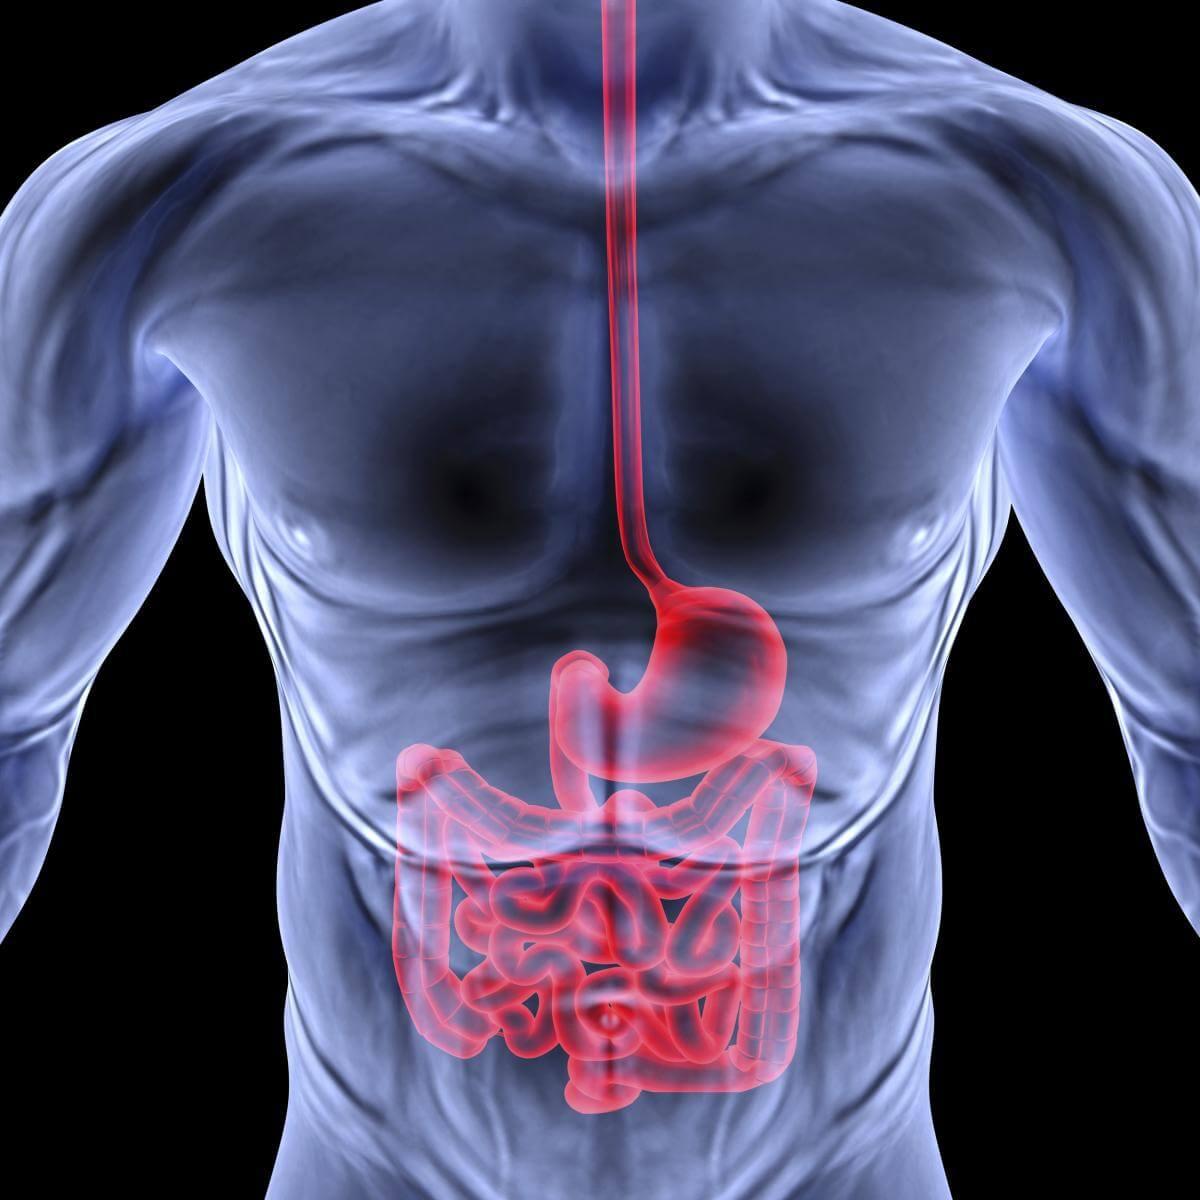 клинические проявления болезни крона